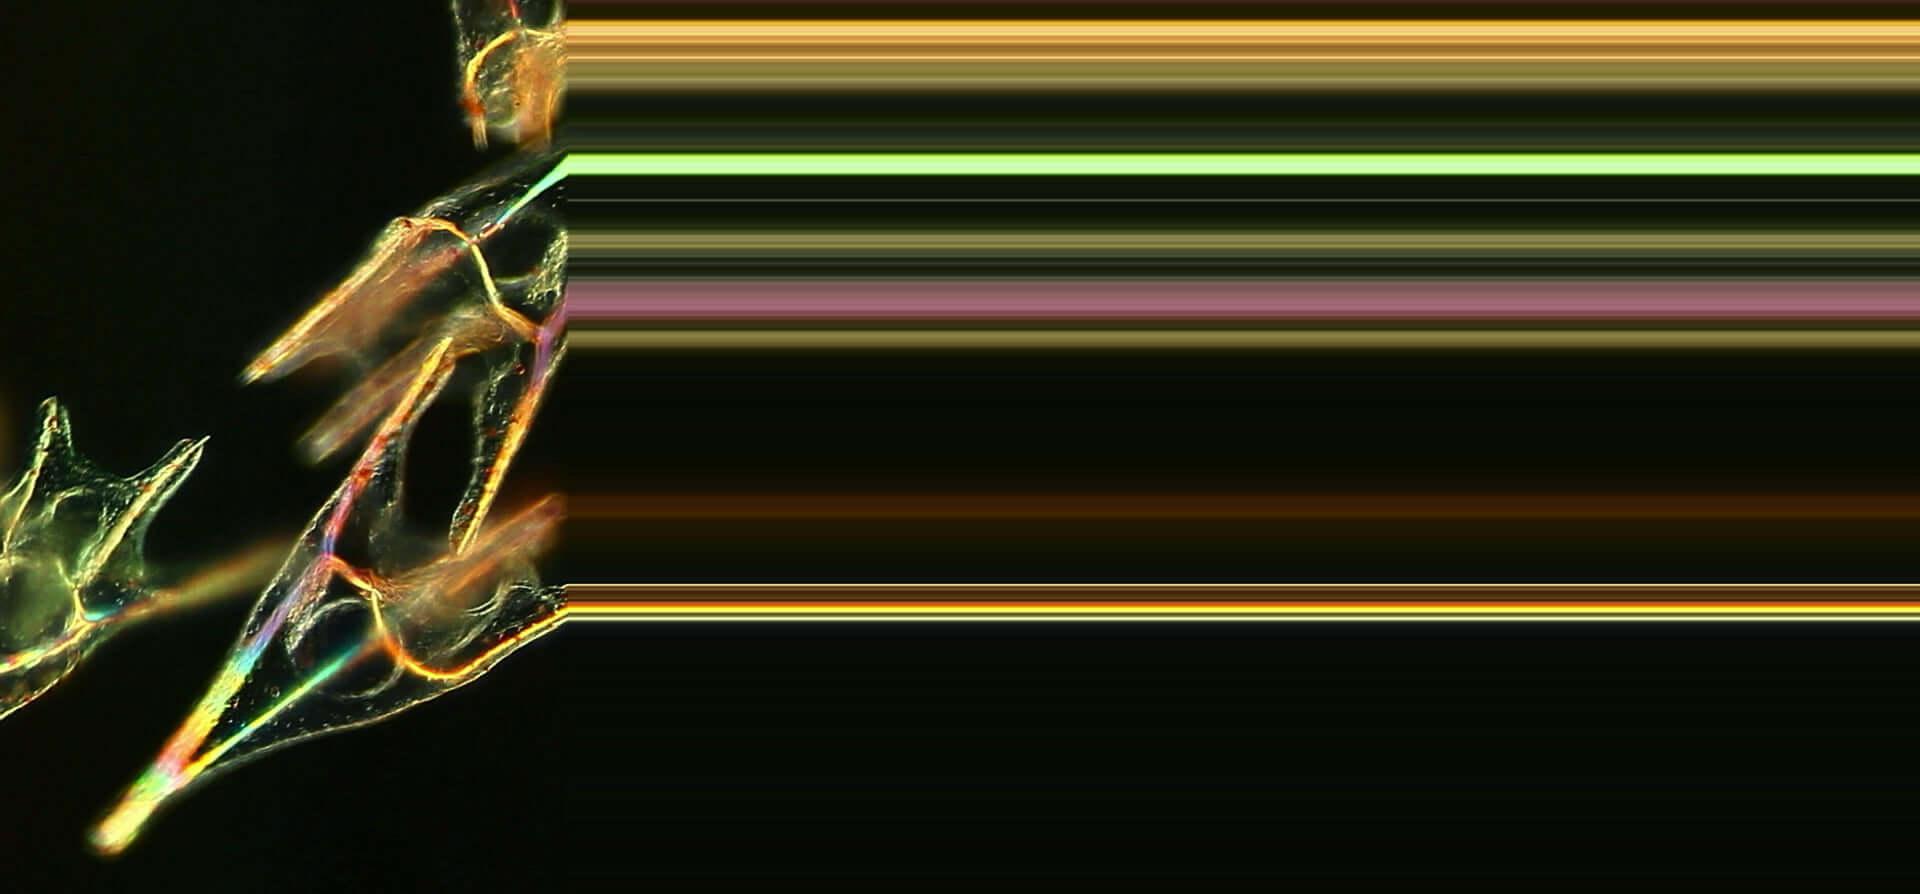 坂本龍一との共演でも知られるダムタイプのメンバー・高谷史郎の初ドキュメンタリー映画『DUMB TYPE 高谷史郎ー自然とテクノロジーのはざま』の劇場公開が決定 film200217_shirotakatani_7-1920x894